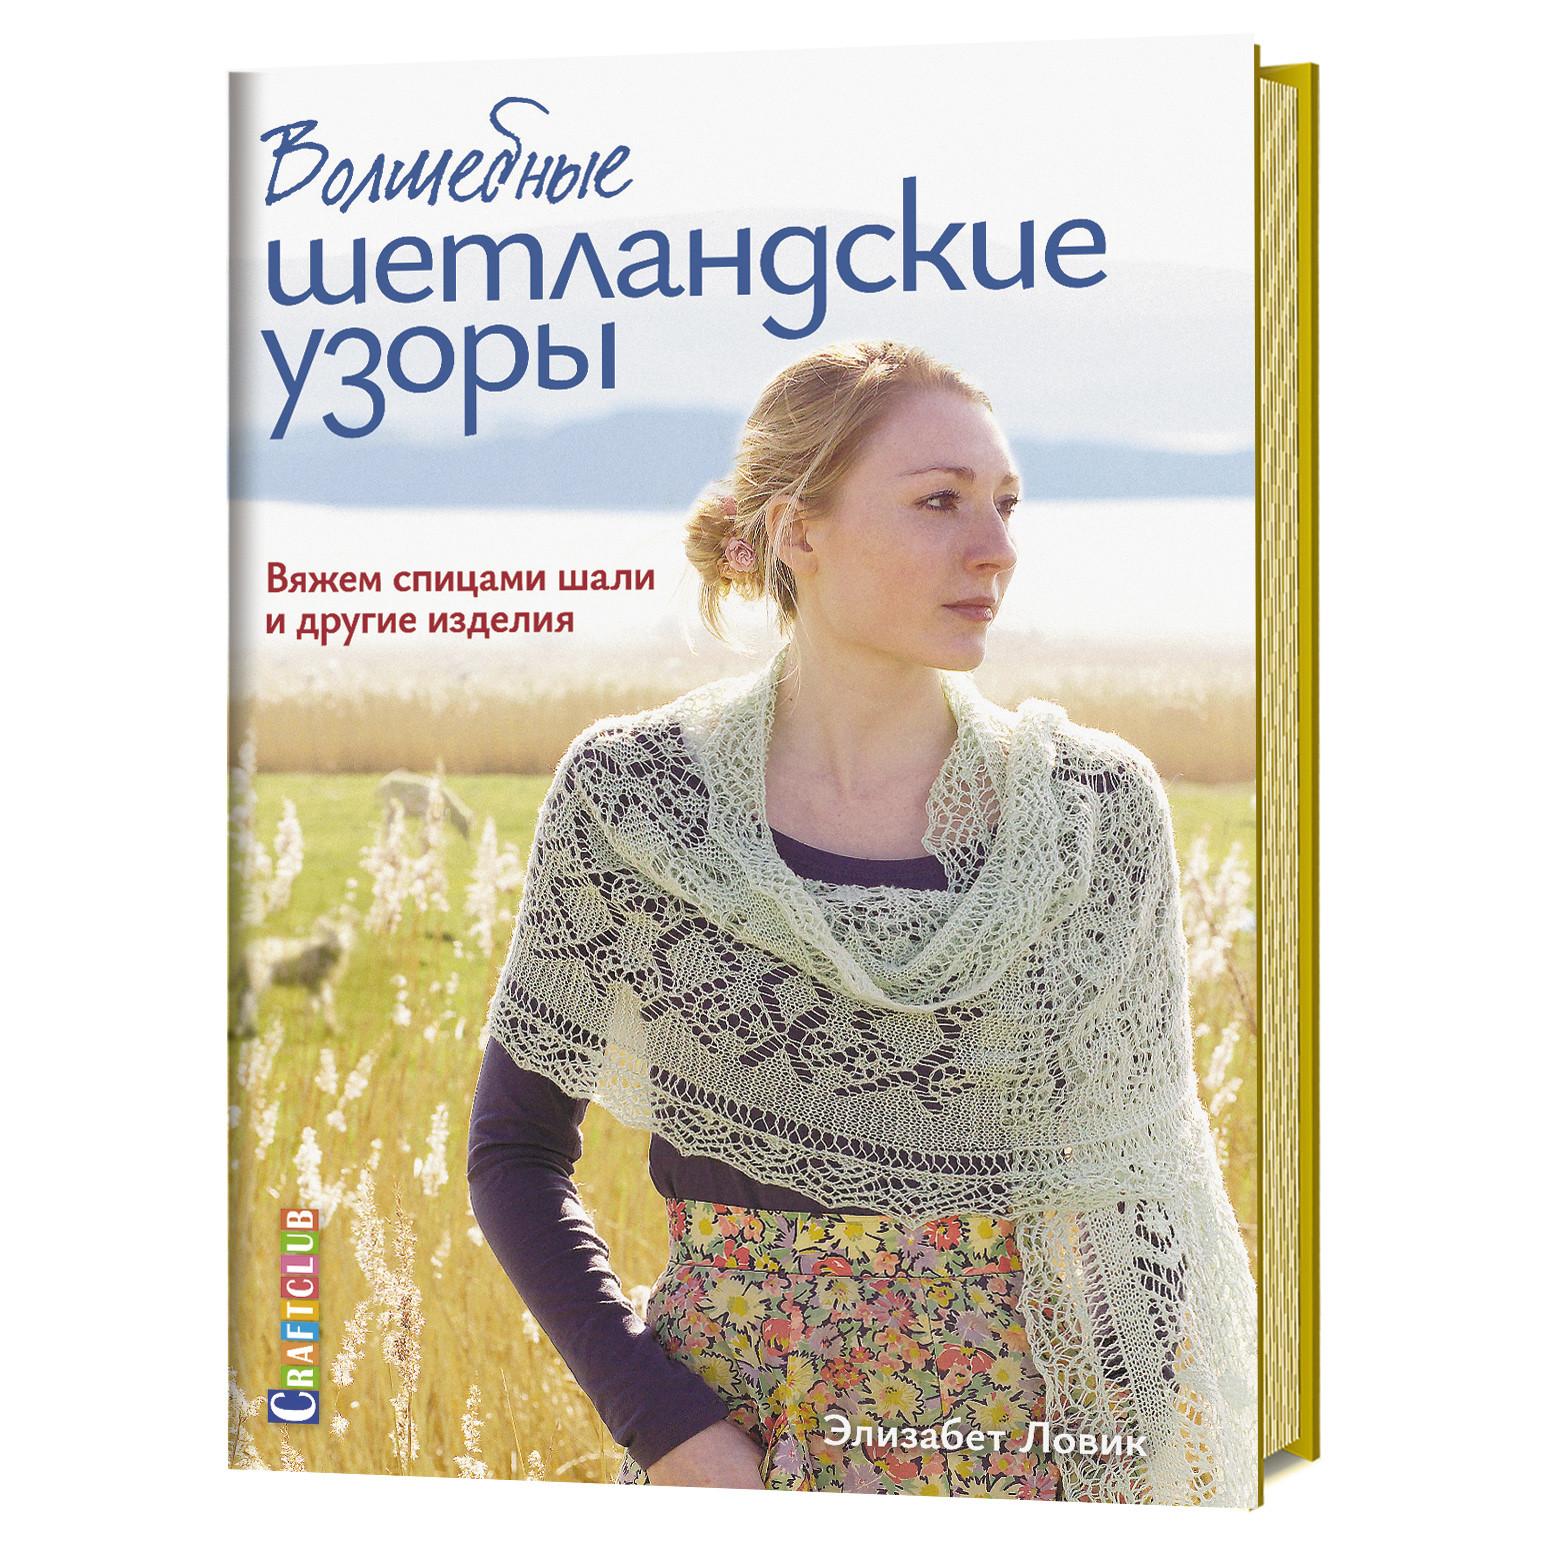 Волшебные шетландские узоры: Вяжем спицами шали и другие издения